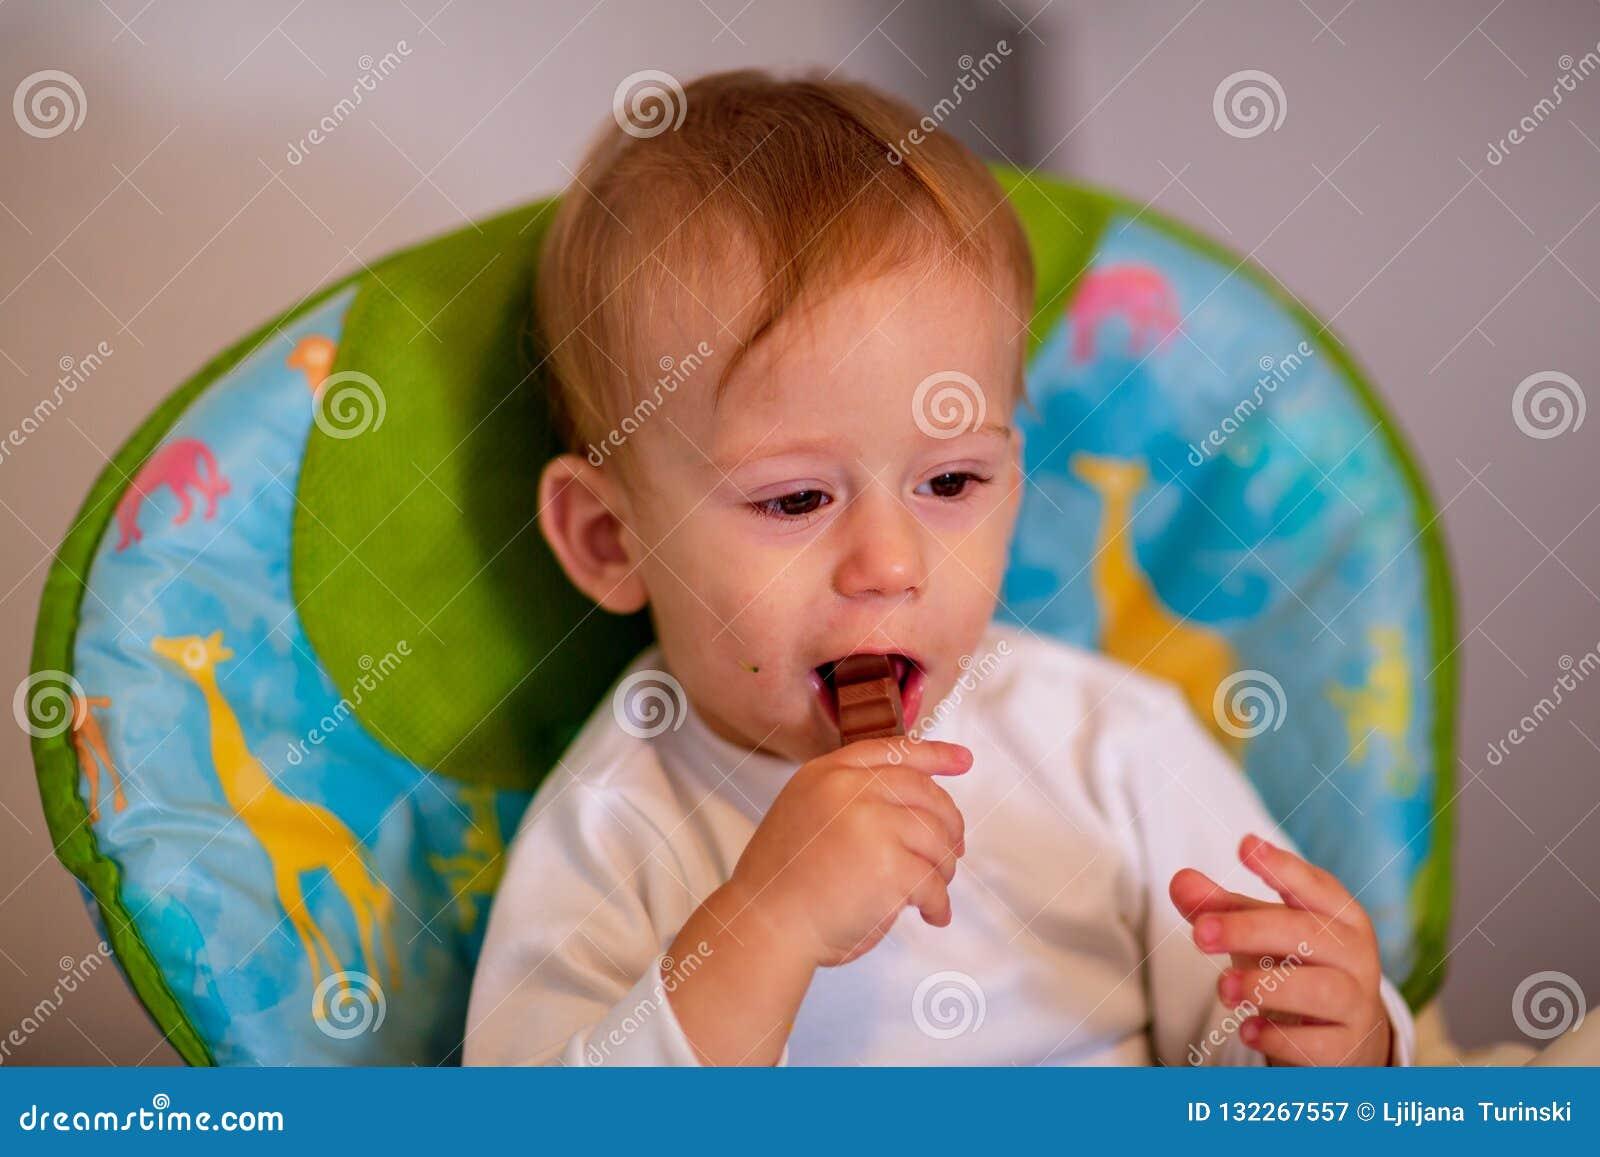 Bébé de alimentation - garçon adorable mangeant du chocolat